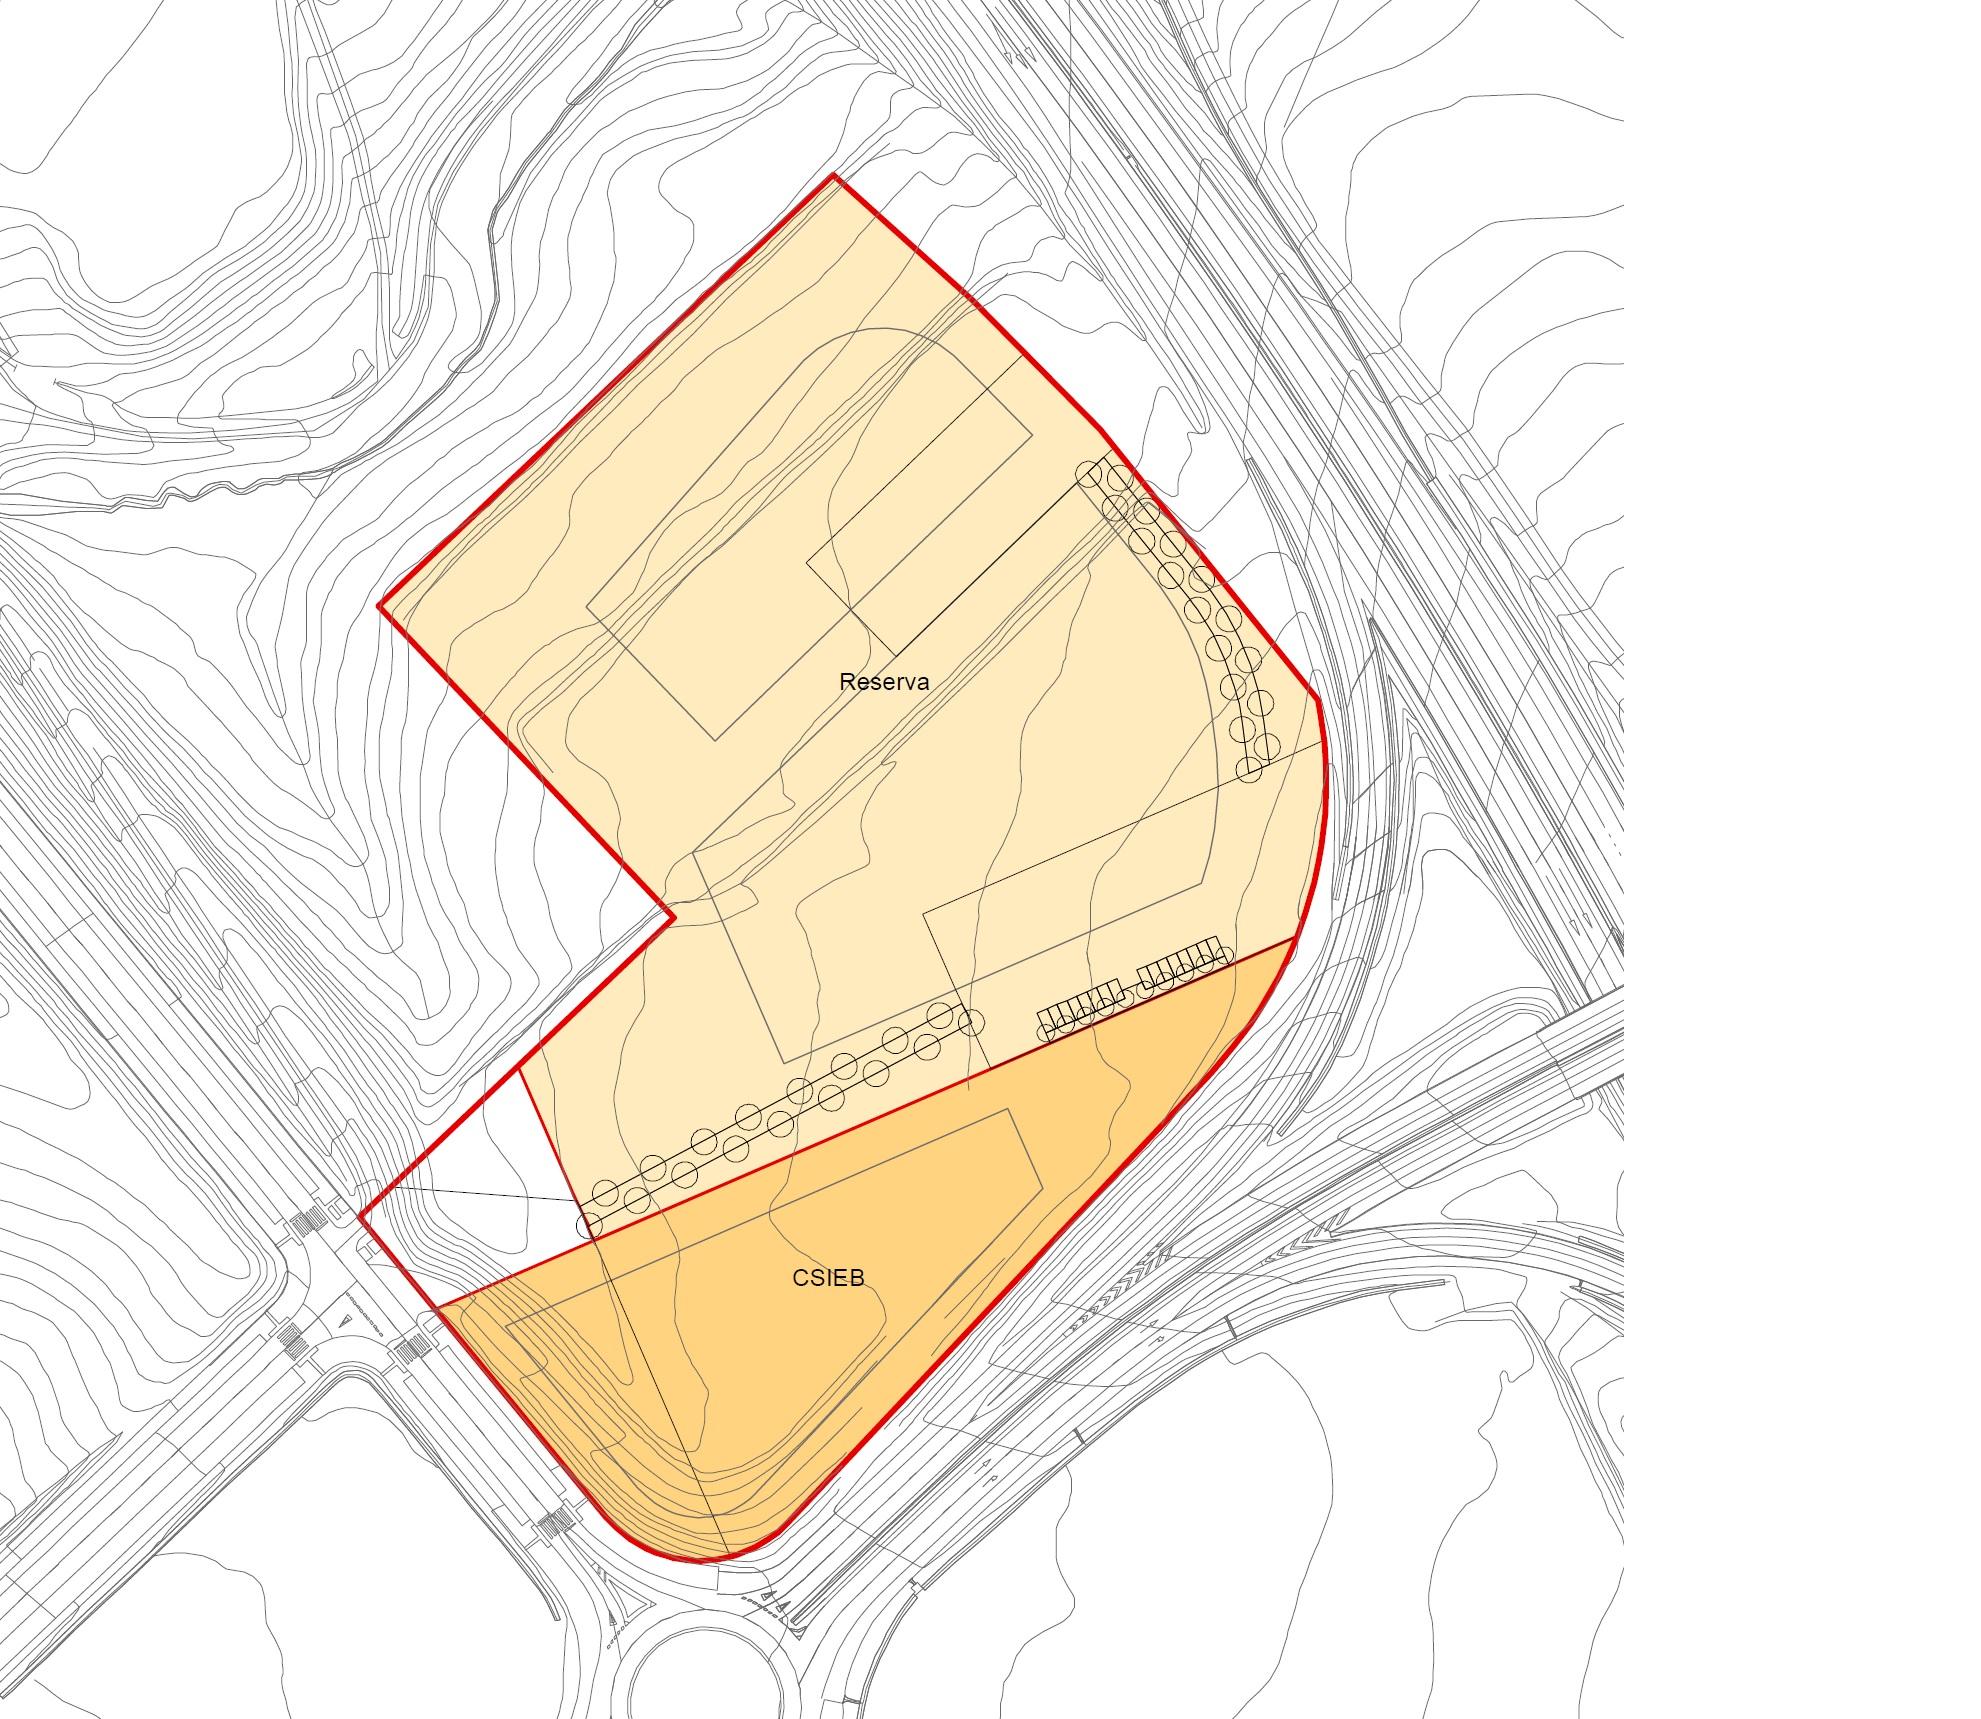 A Xunta de Goberno aproba a segregación e concesión demanial da parcela onde se construirá o biopolo, así como a licenza de obras do Centro de Servizos Innovadores